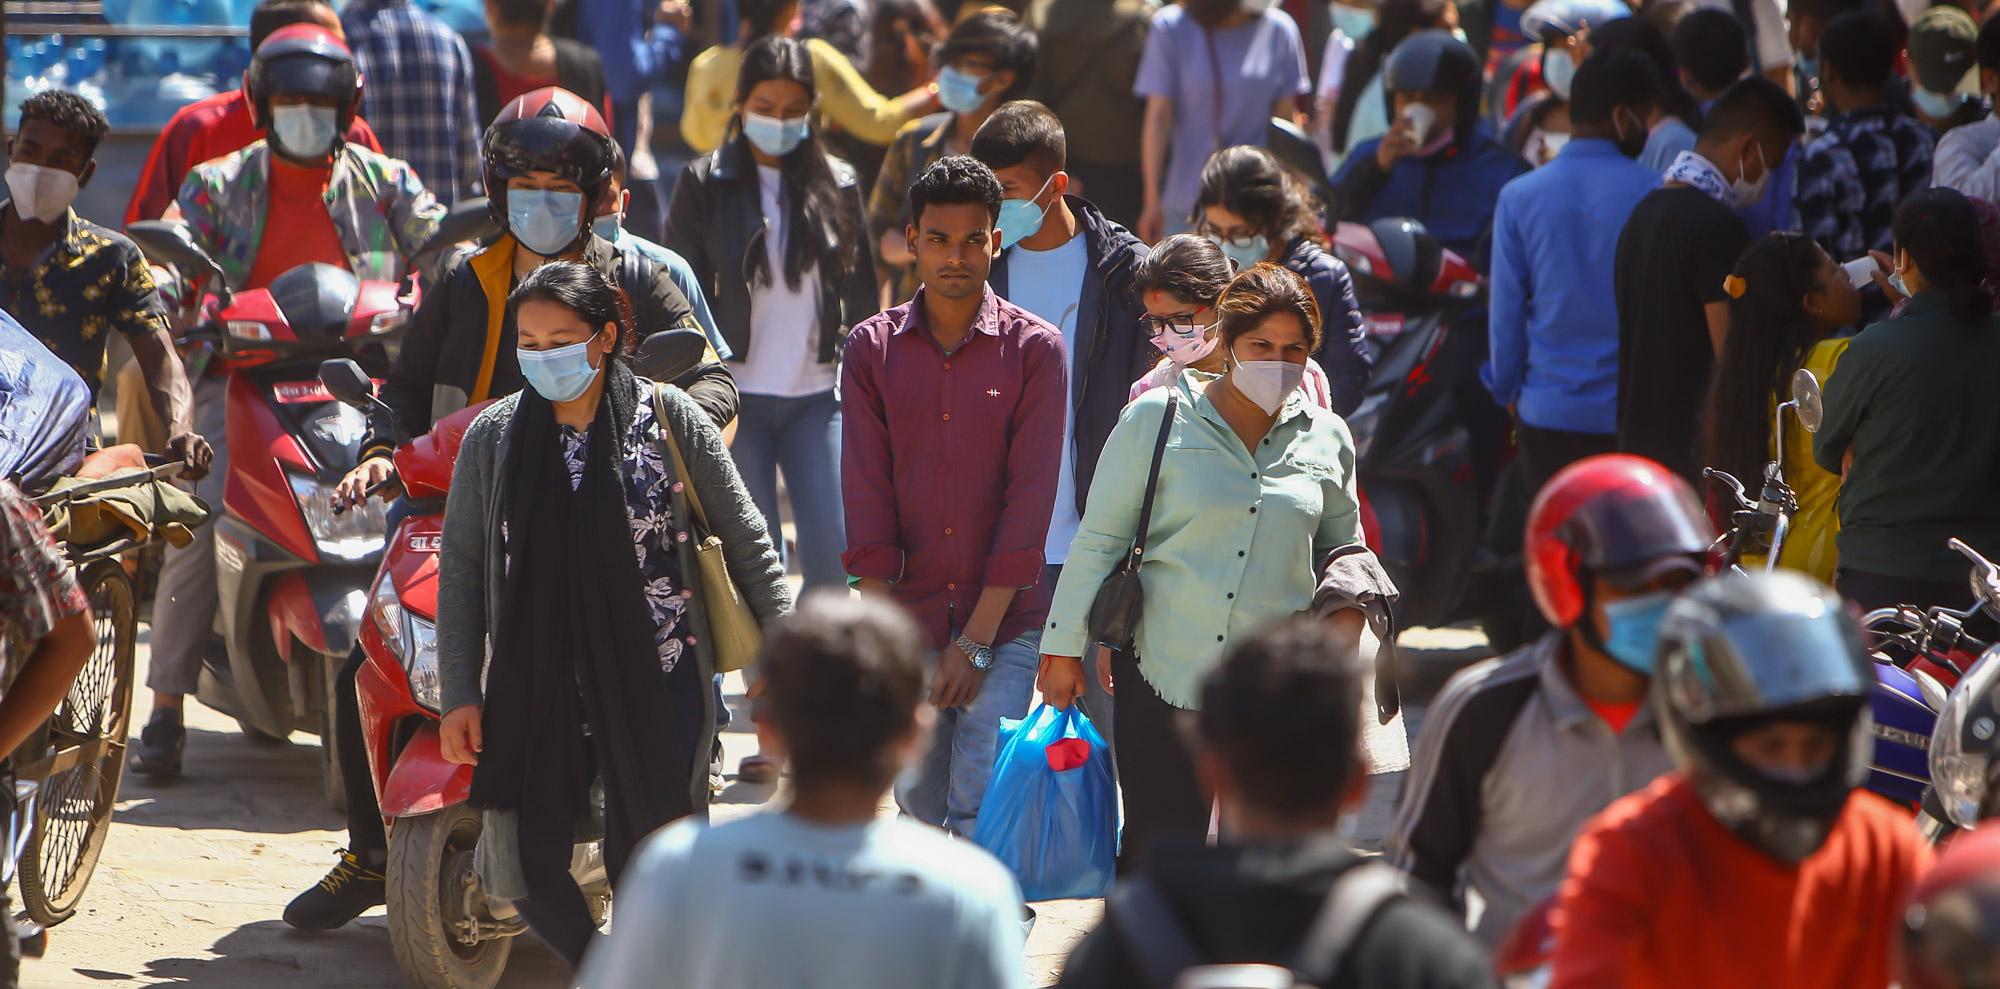 काठमाडौं उपत्यकामा थपिए ३९७ संक्रमित